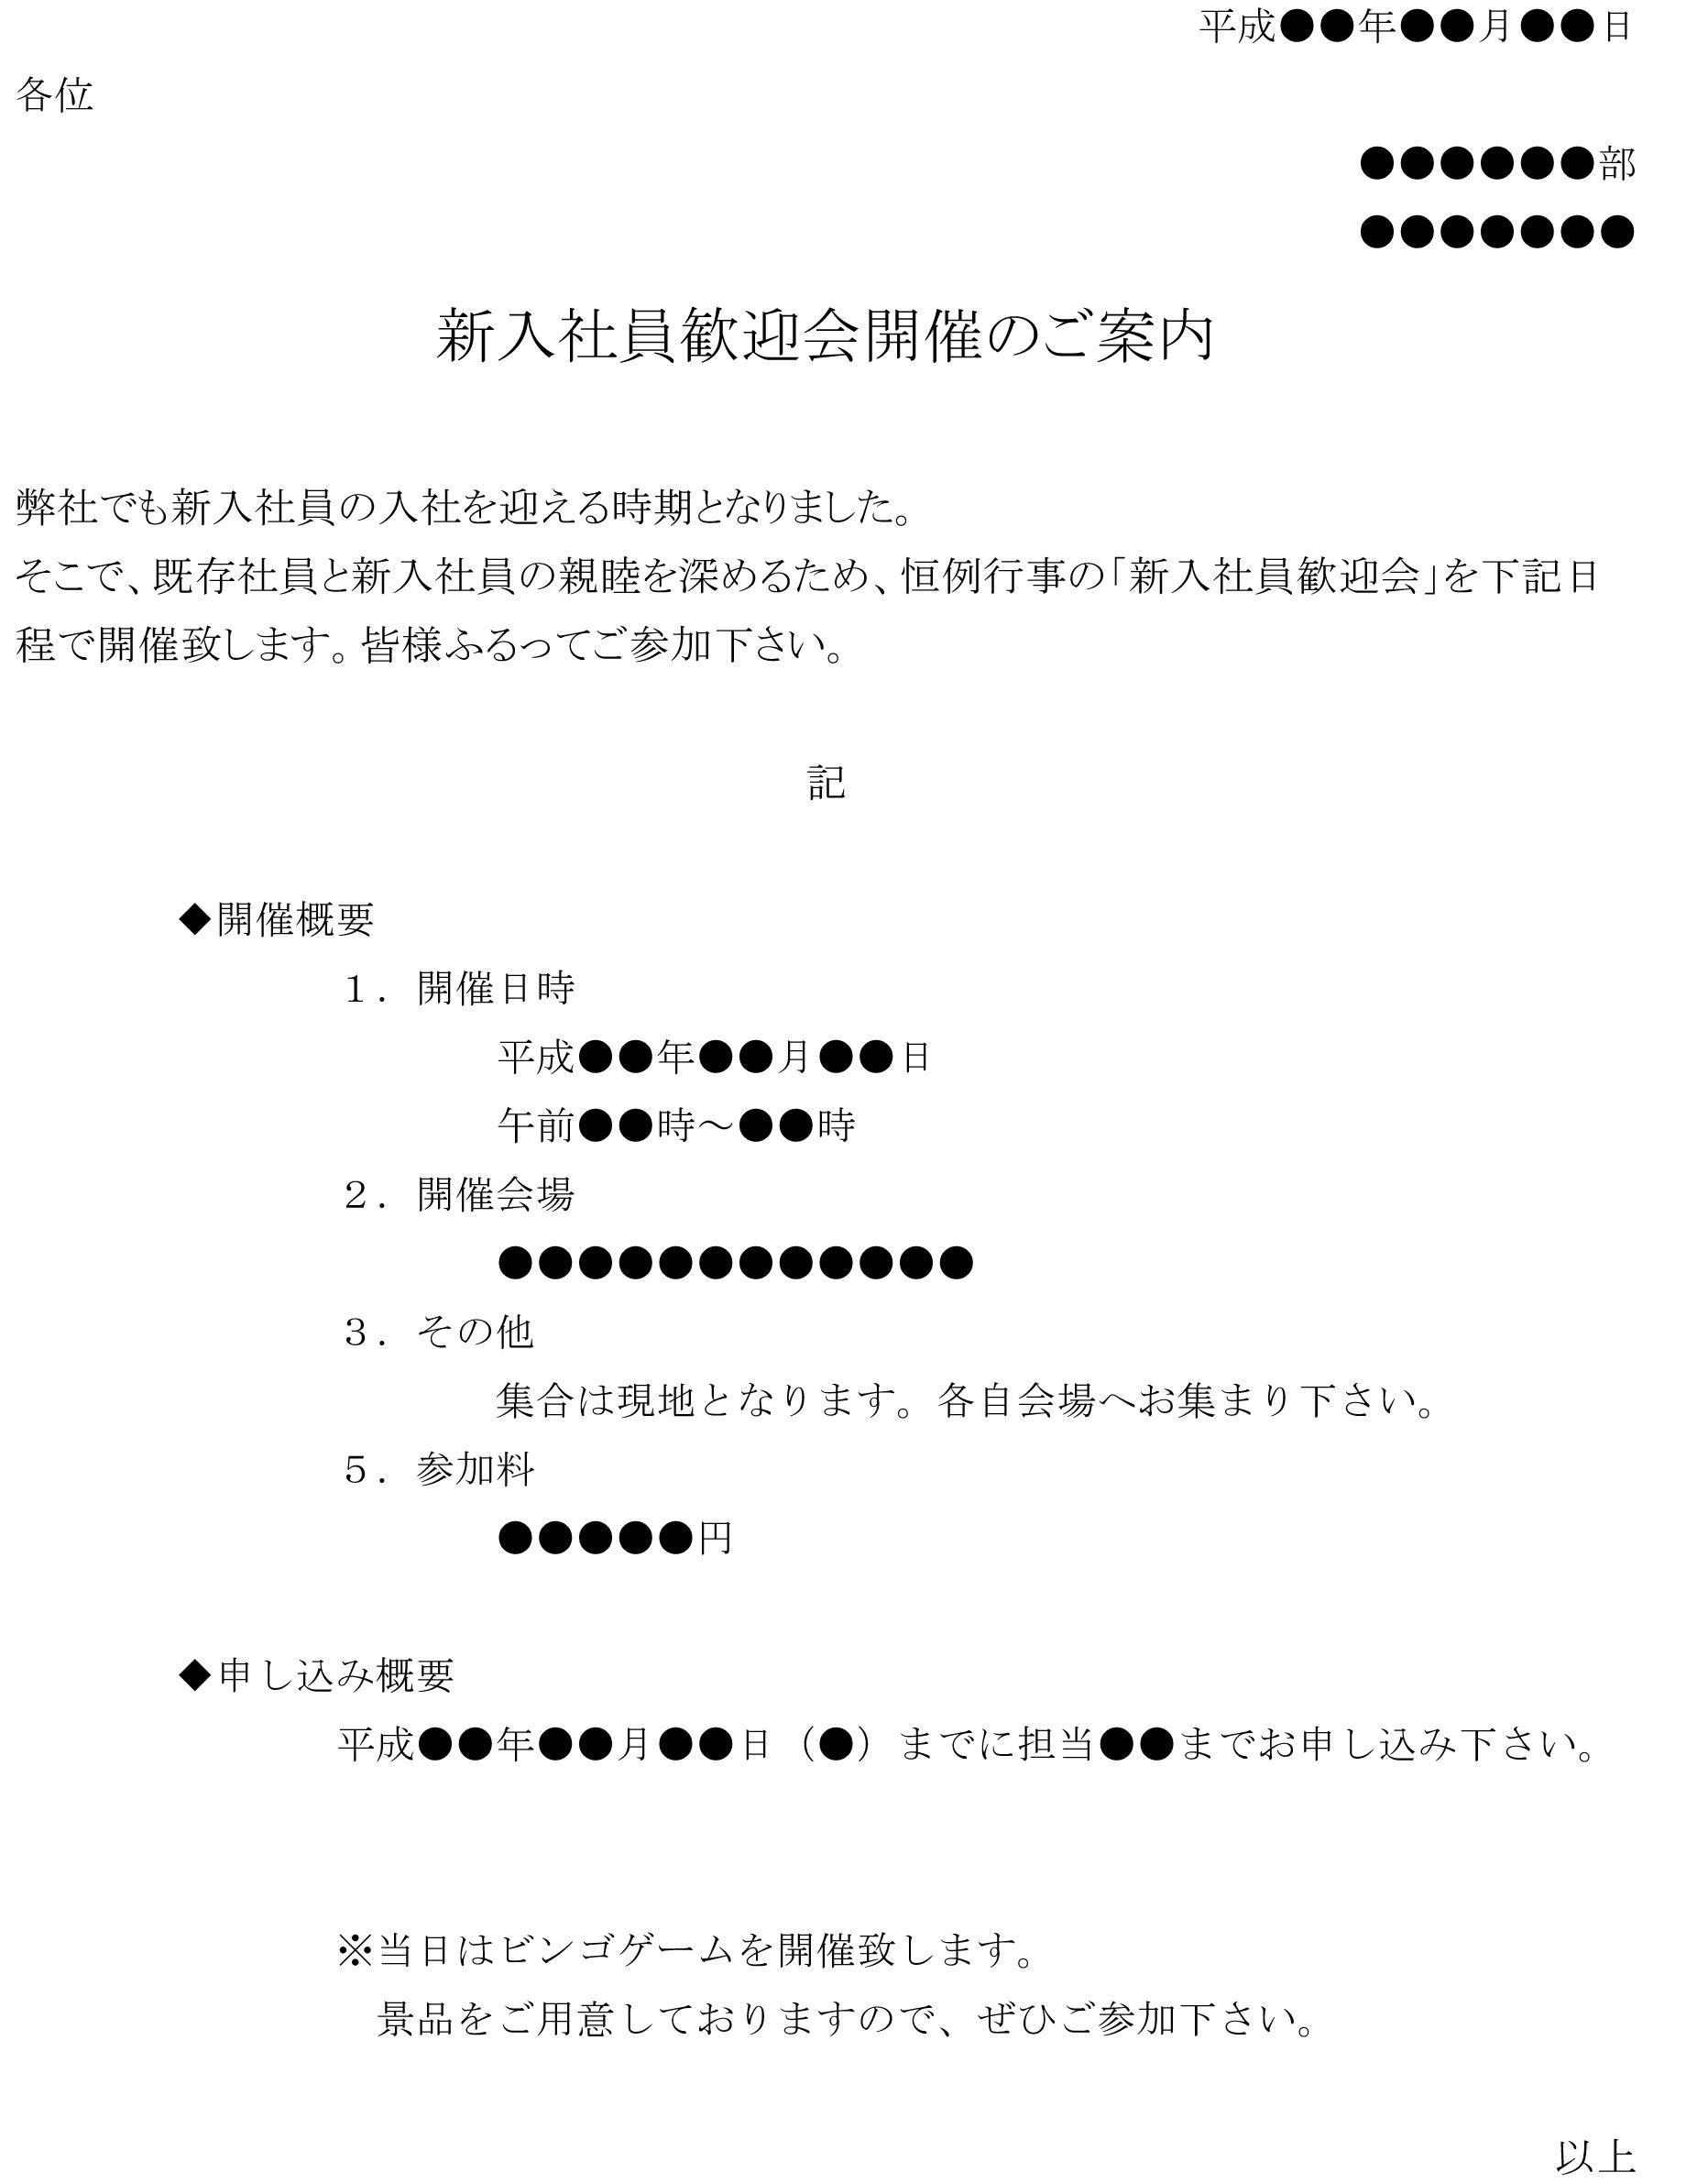 案内状(新入社員歓迎会開催)